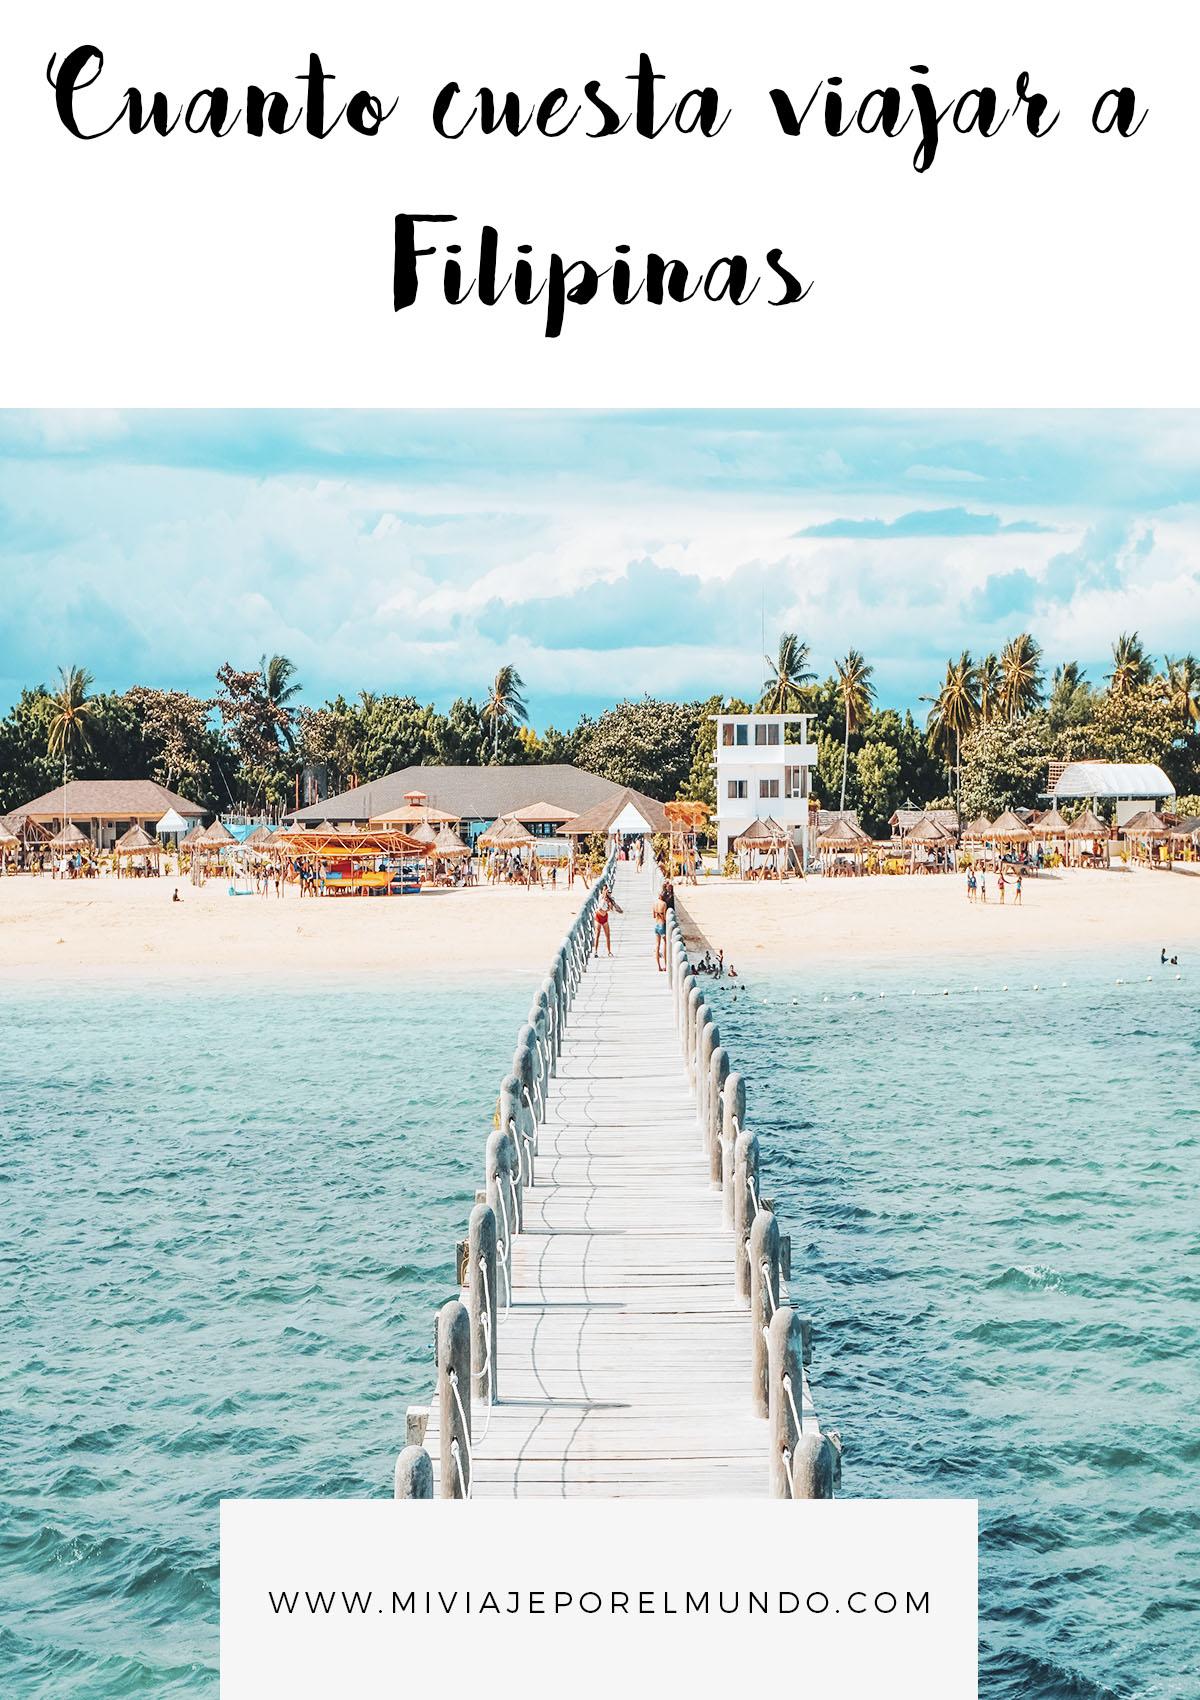 cuanto cuesta un viaje a filipinas